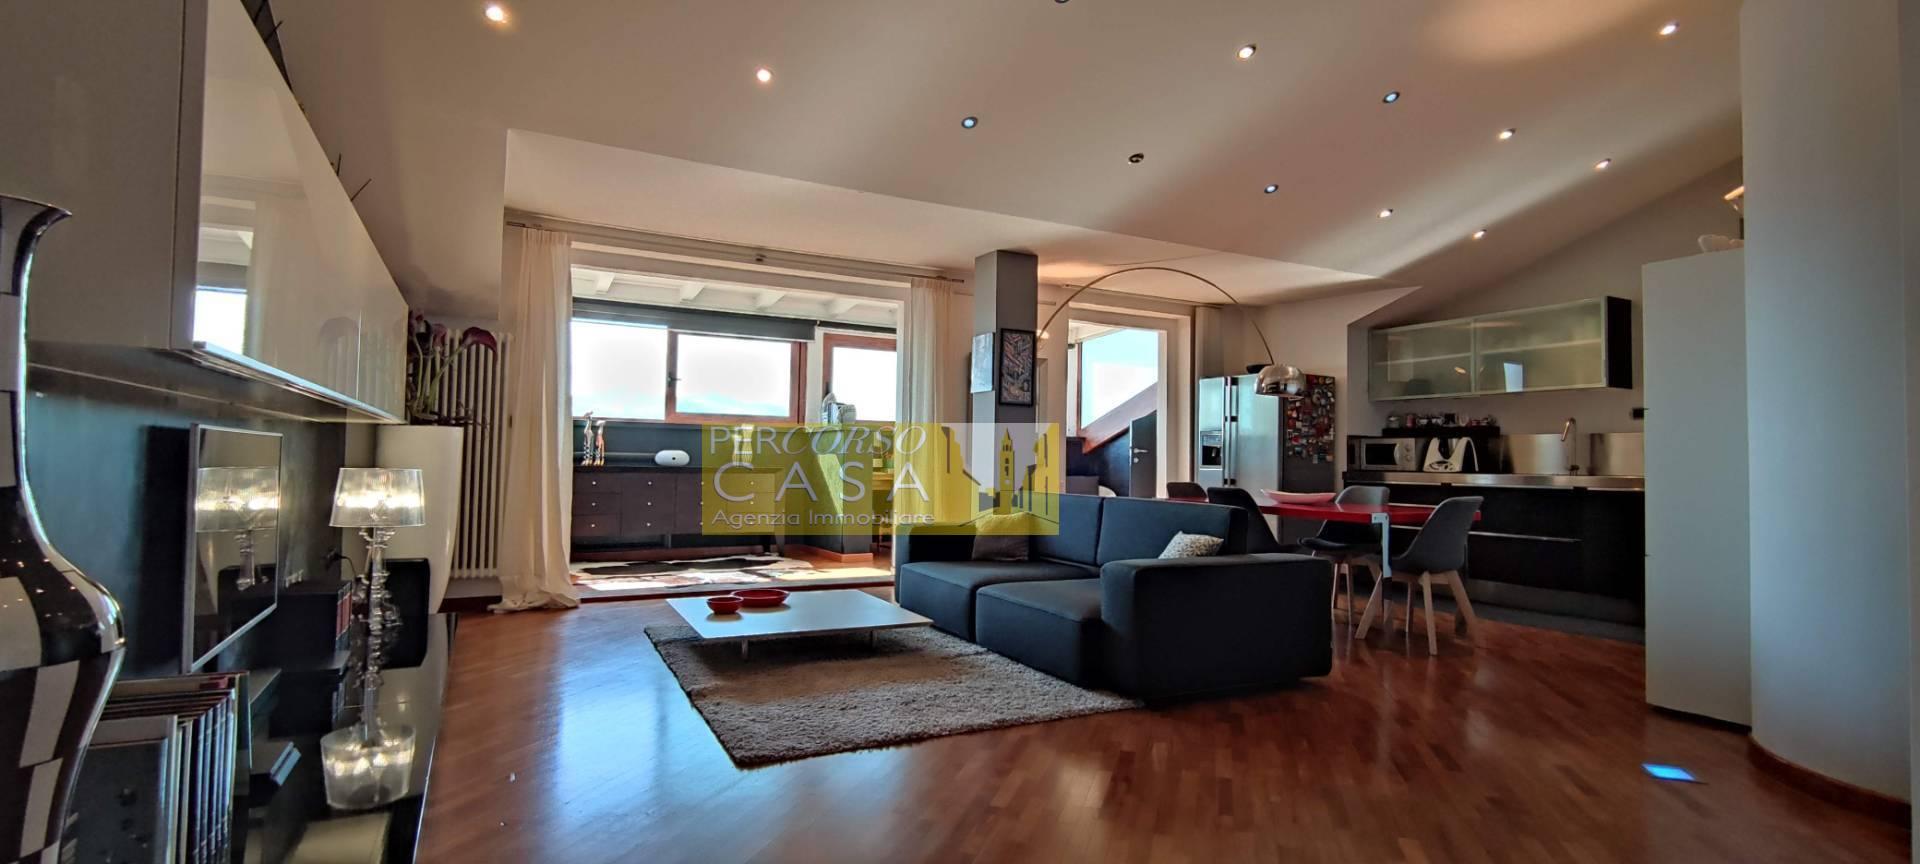 Appartamento in vendita a Teramo, 6 locali, zona Località: VillaMosca, prezzo € 175.000 | PortaleAgenzieImmobiliari.it